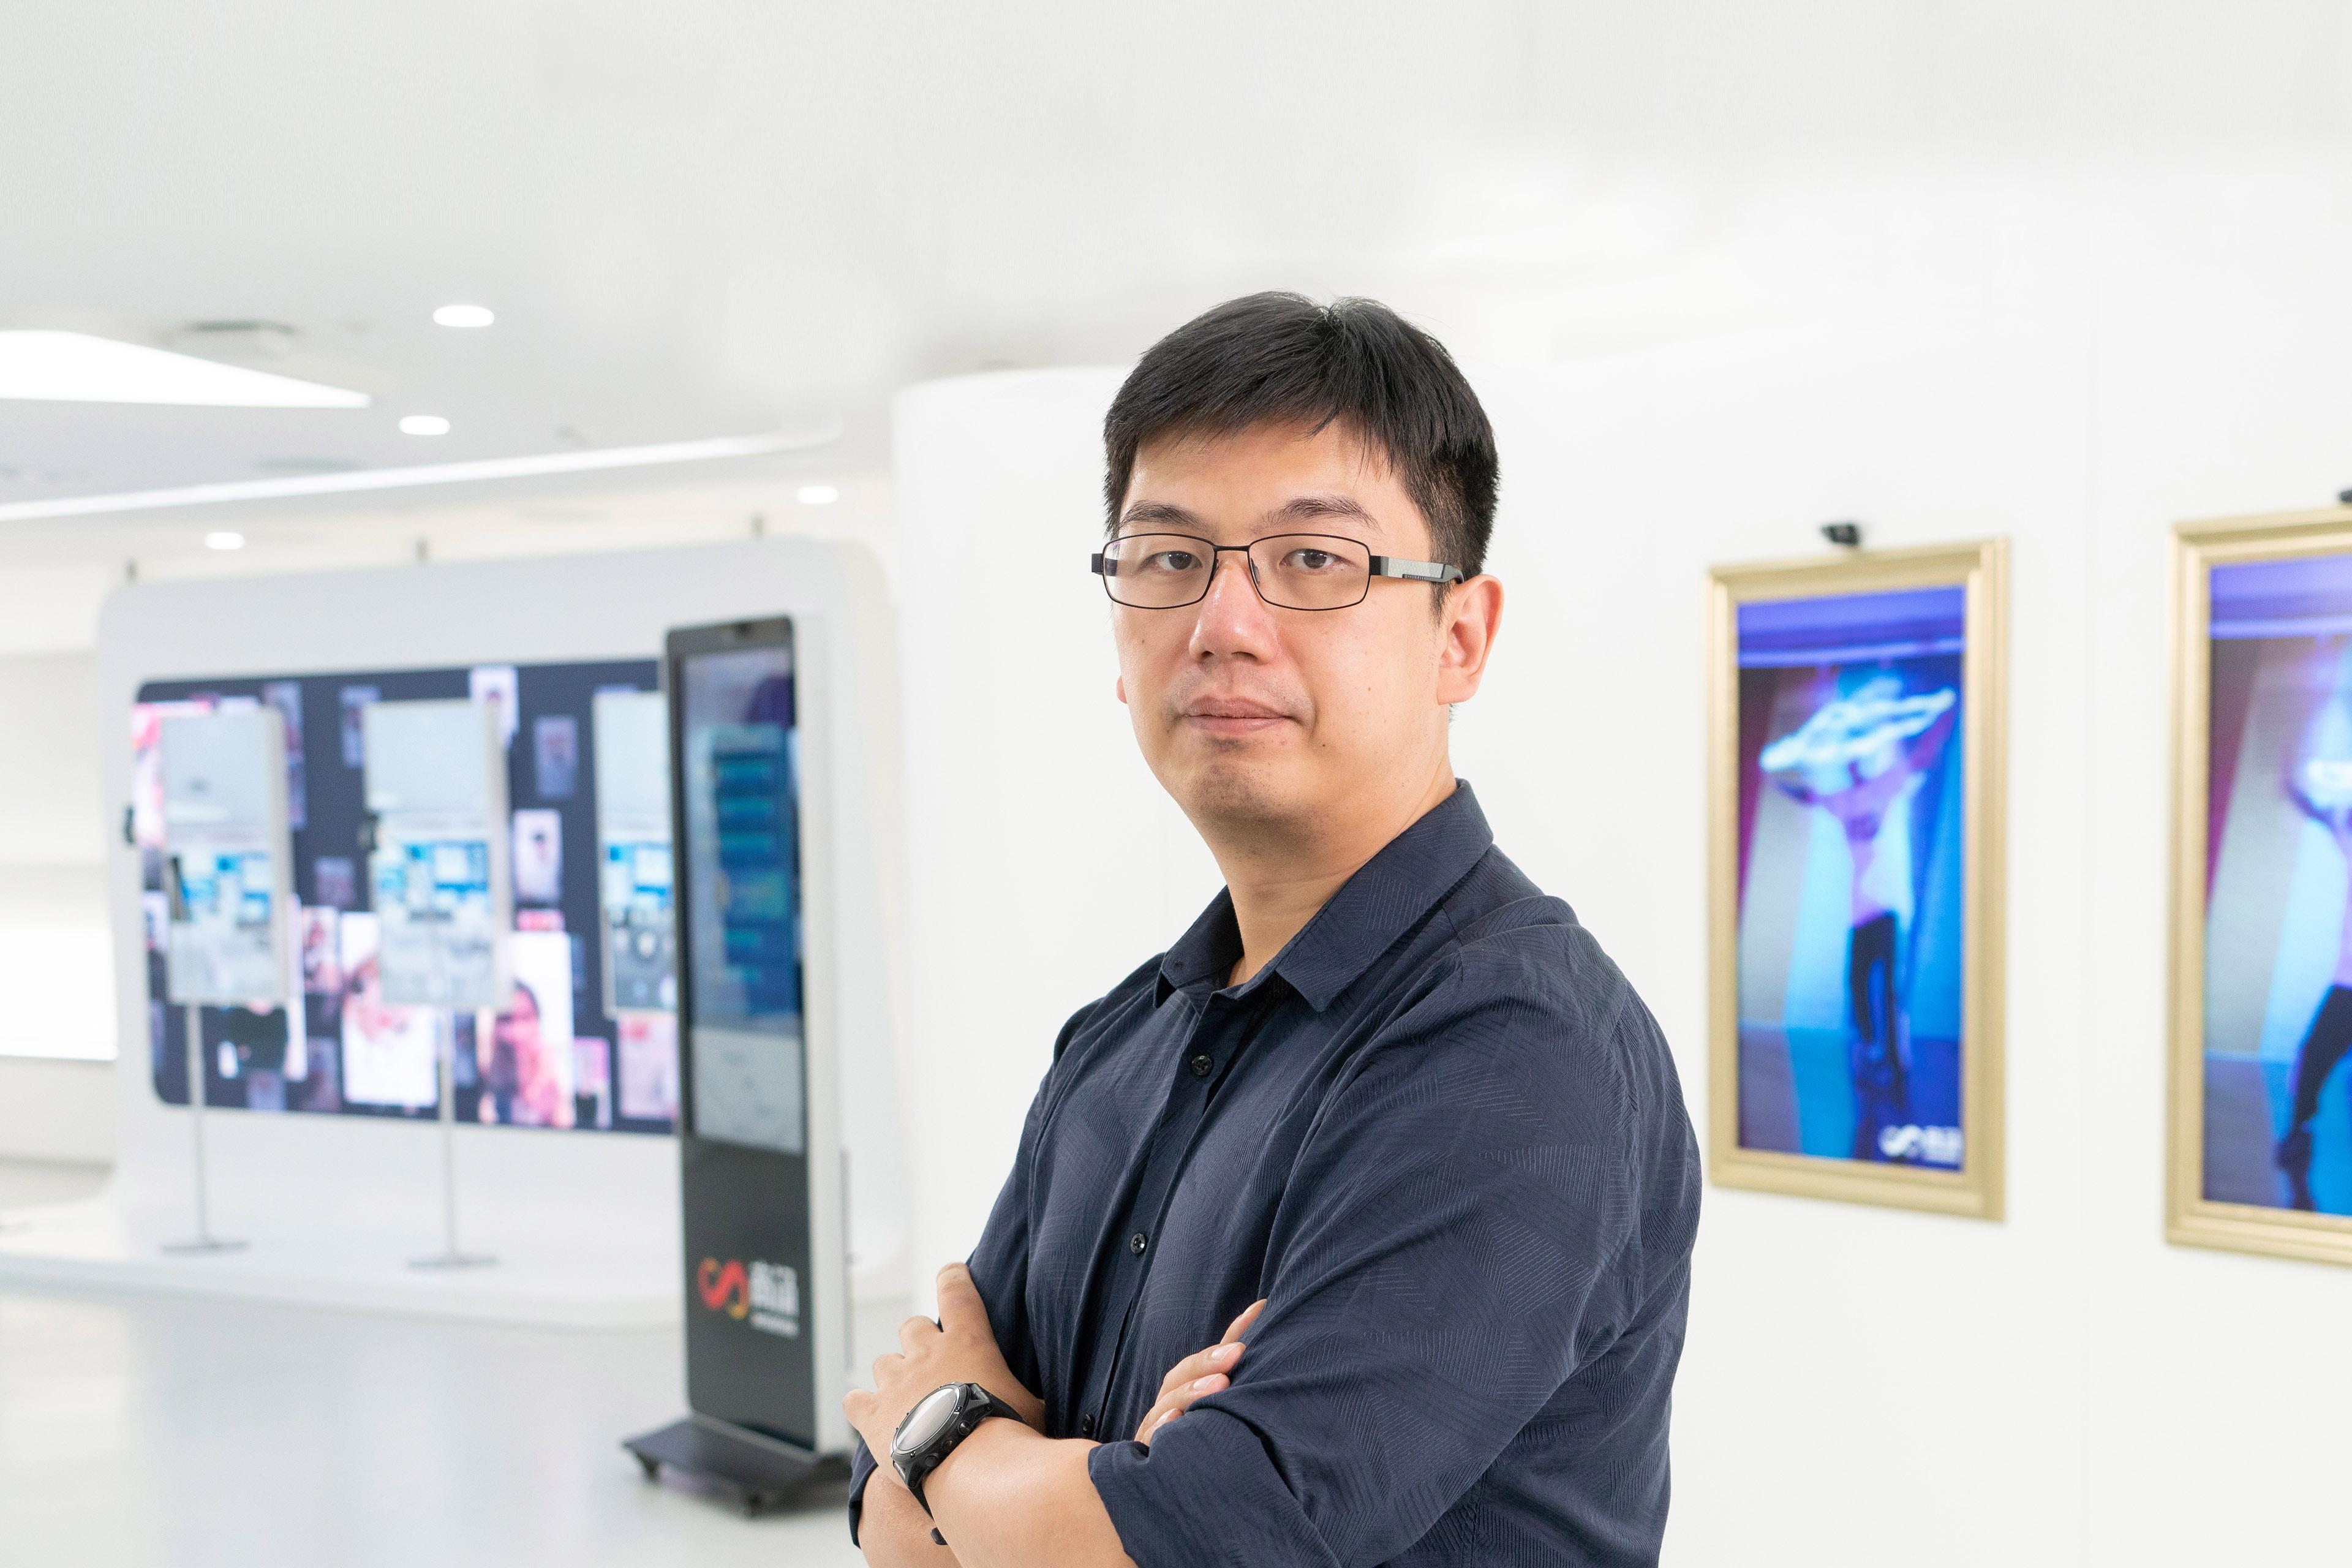 2019 Entrepreneur Dr. Xu Li